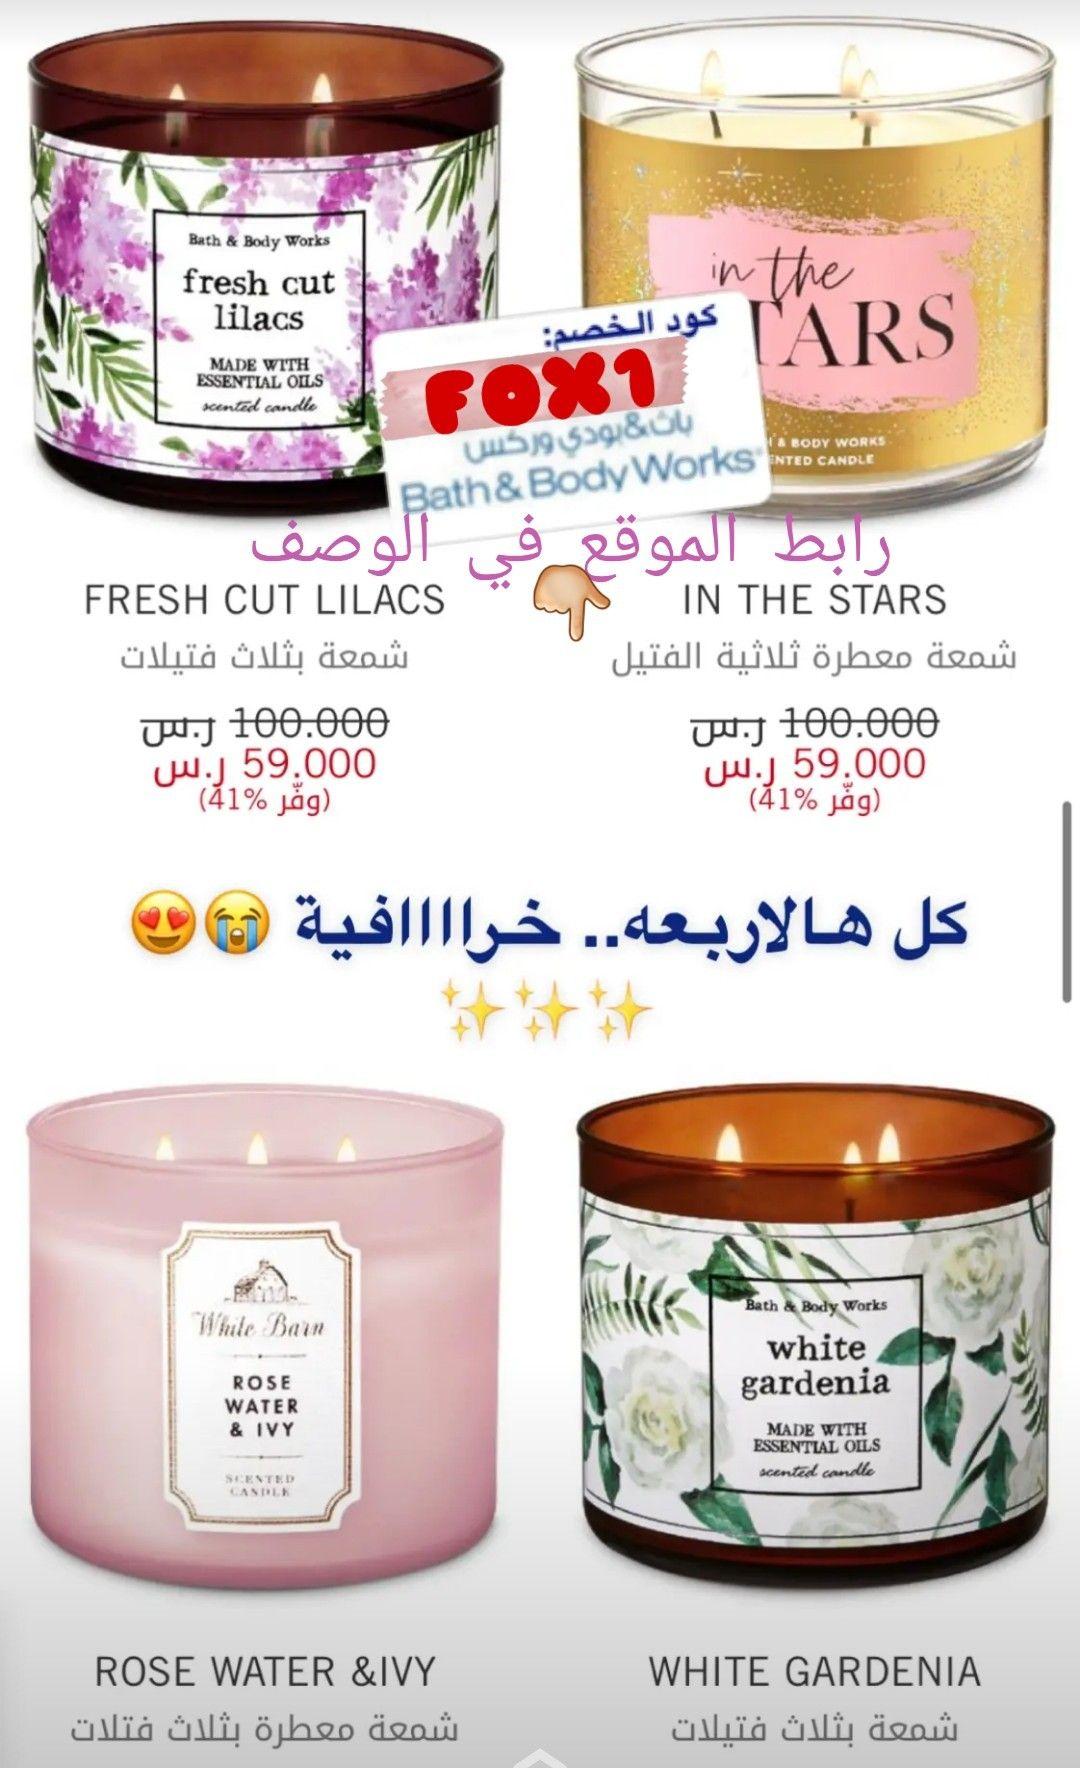 شموع باث اند بودي ووركس Beauty Skin Care Routine Perfume Scents Dry Skin Makeup